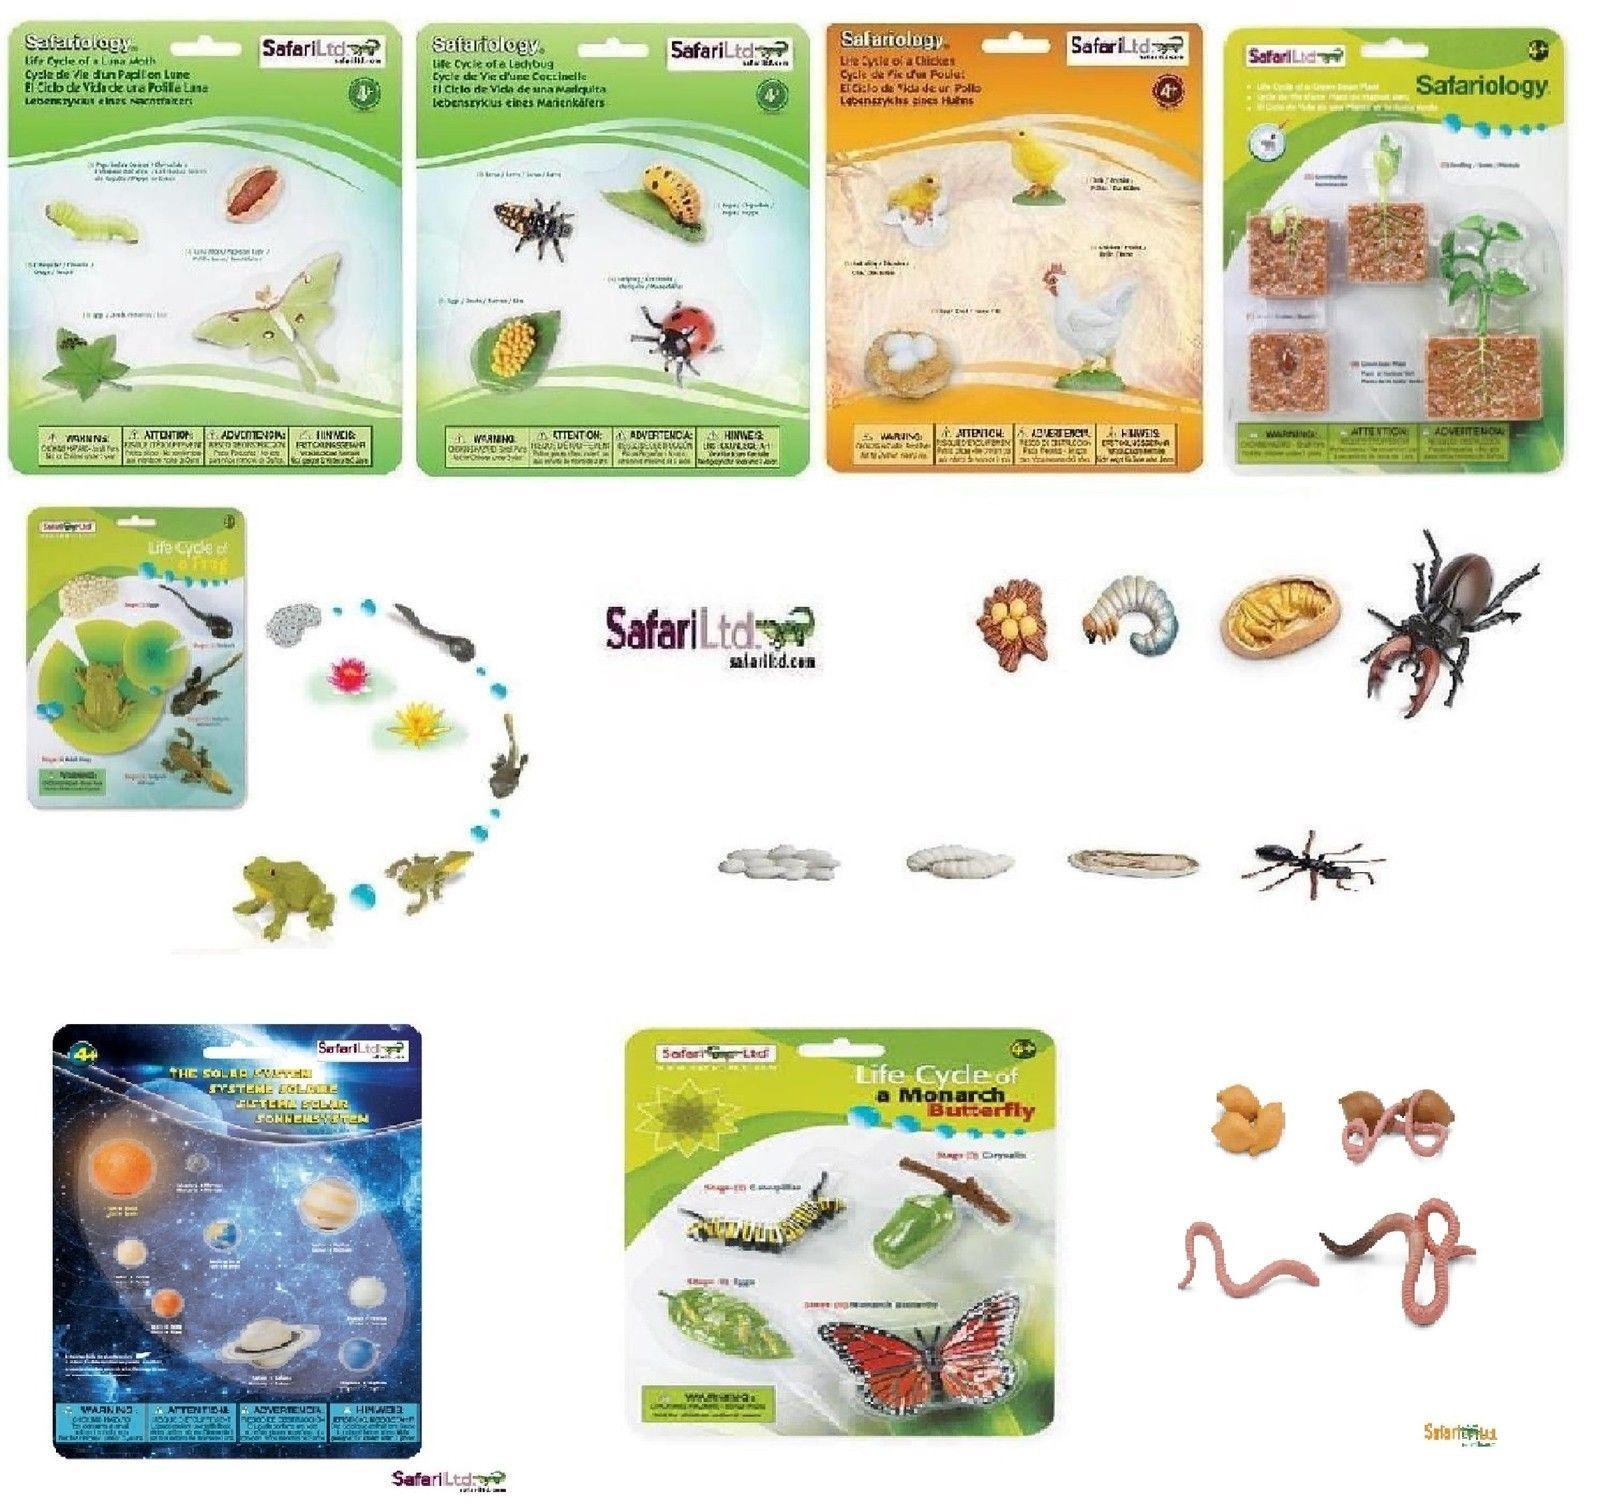 Cycle de vie fourmi papillon de nuit poulet coccinelle papillon safari ltd papillons - Duree de vie papillon de nuit ...